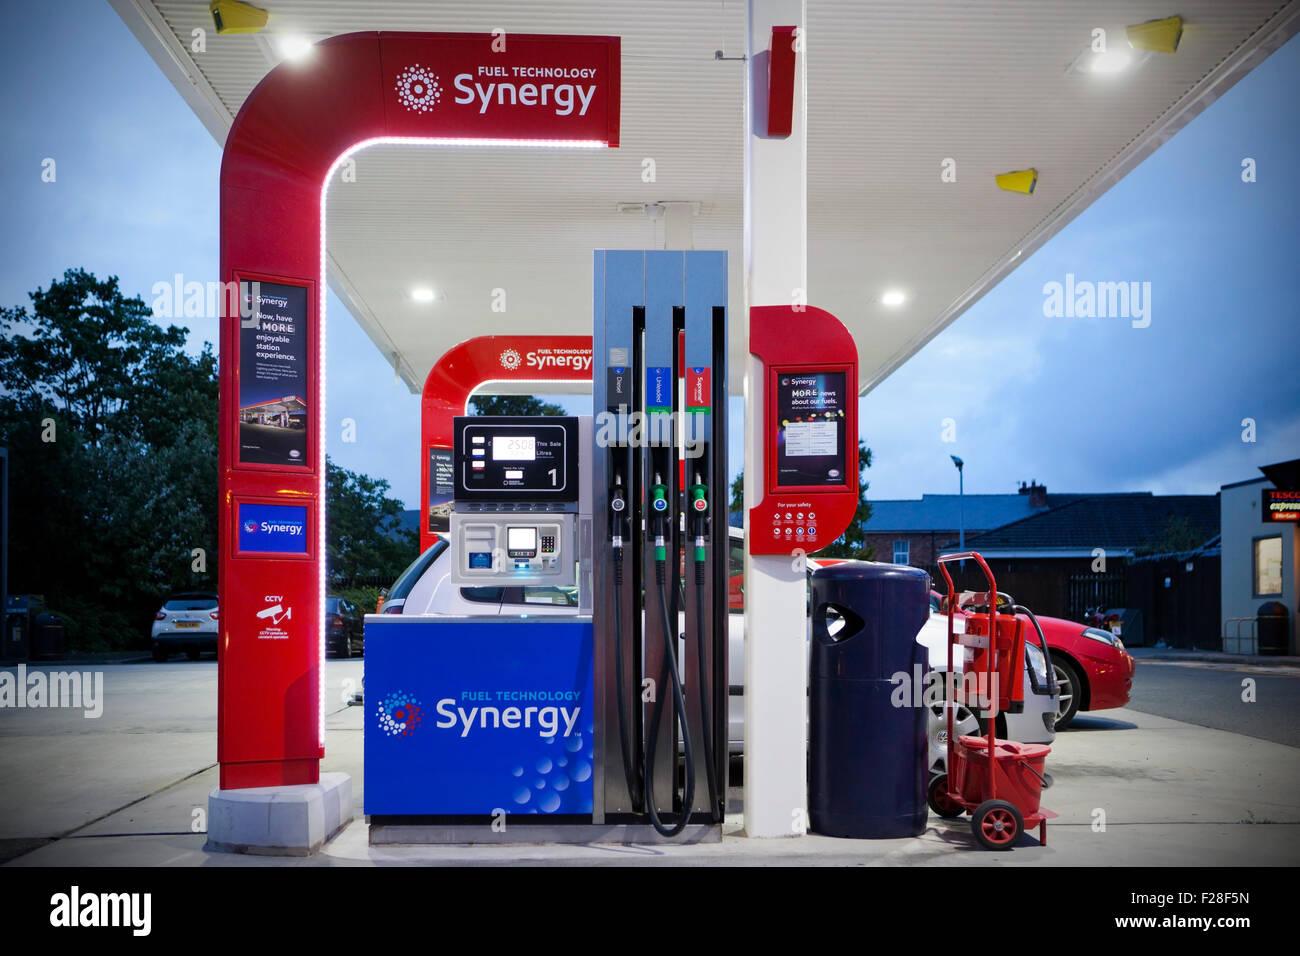 Nuova moderna sinergia Exxon Mobil le pompe di benzina in Pilling Lancashire, Regno Unito Immagini Stock